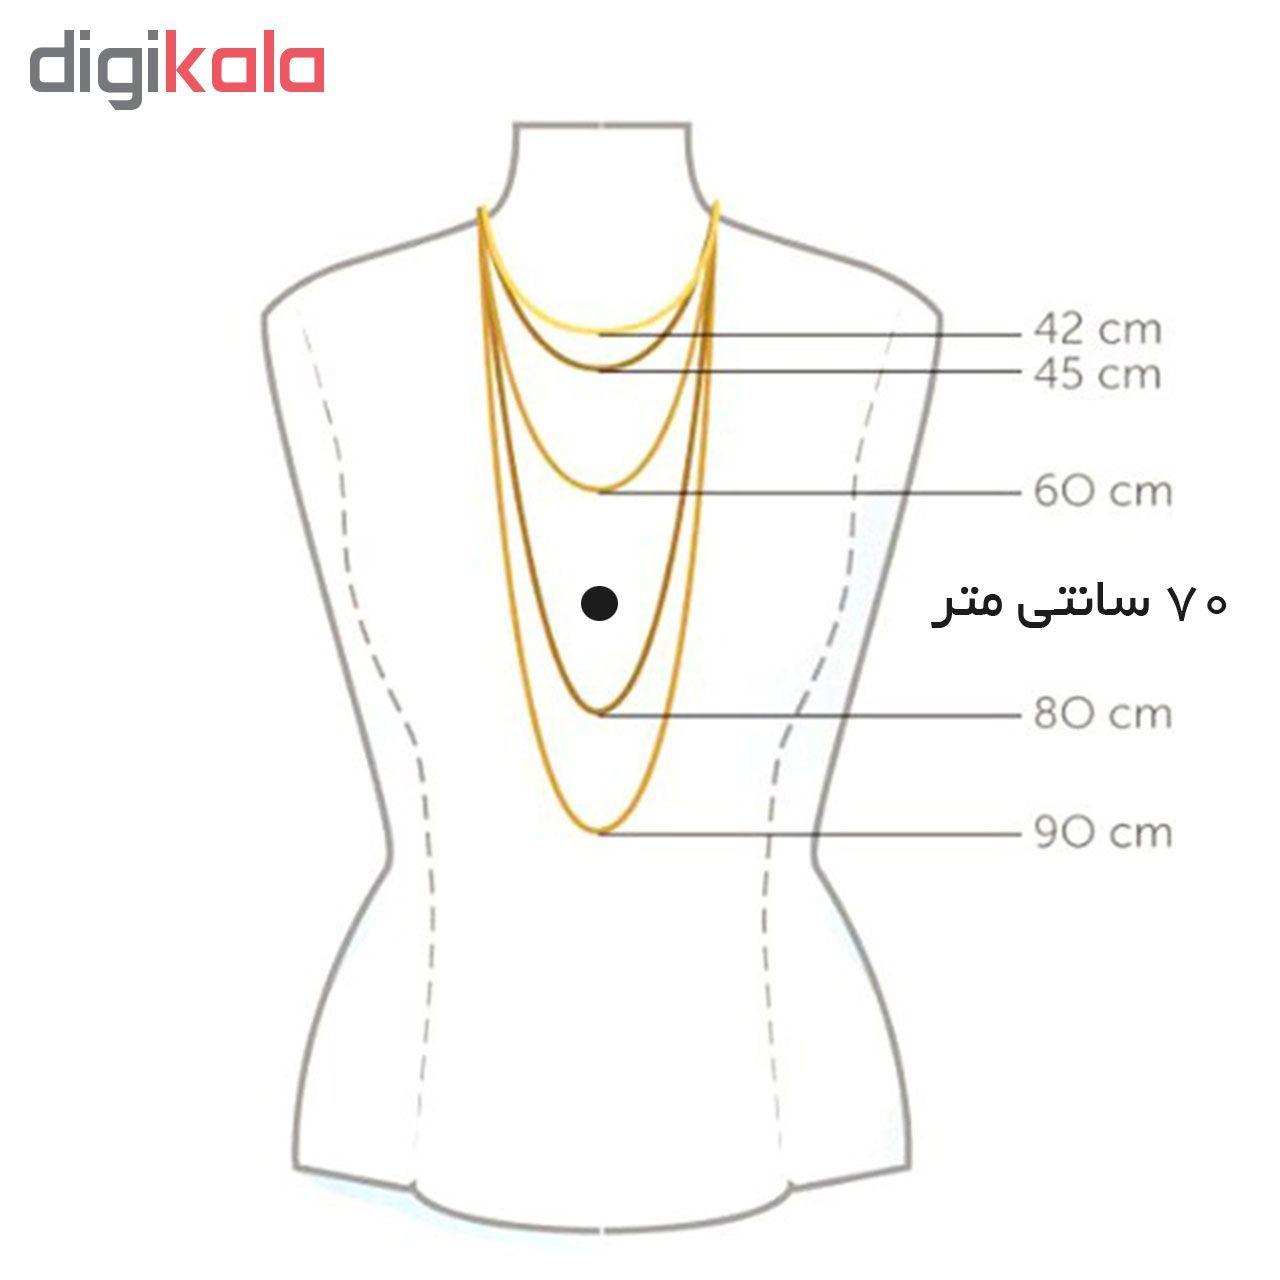 گردنبند نقره طرح اسم نیما کد Uwd 963